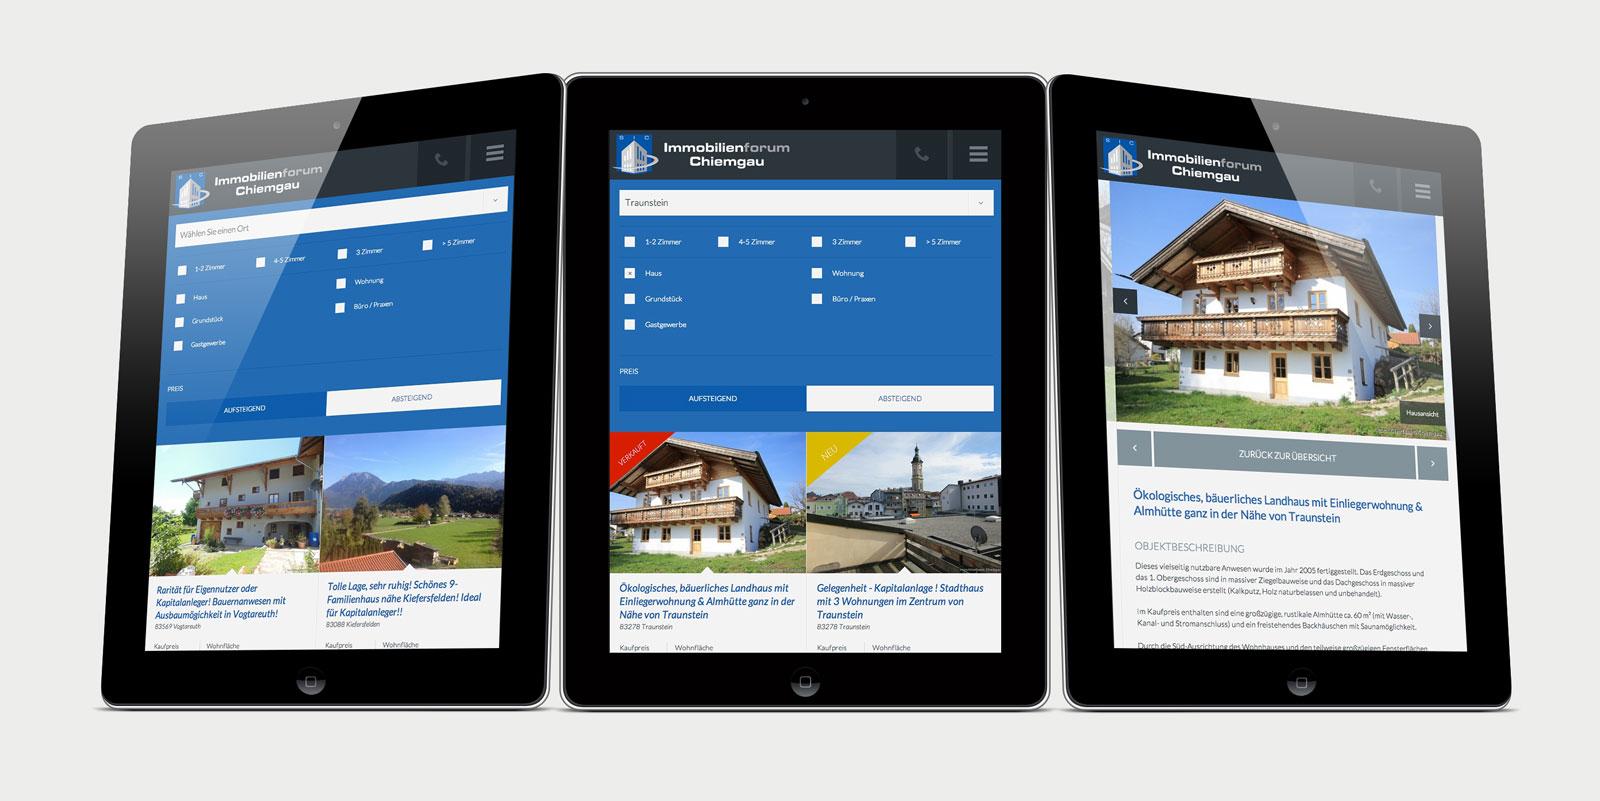 Immobilienforum Chiemgau Tablet Ansicht